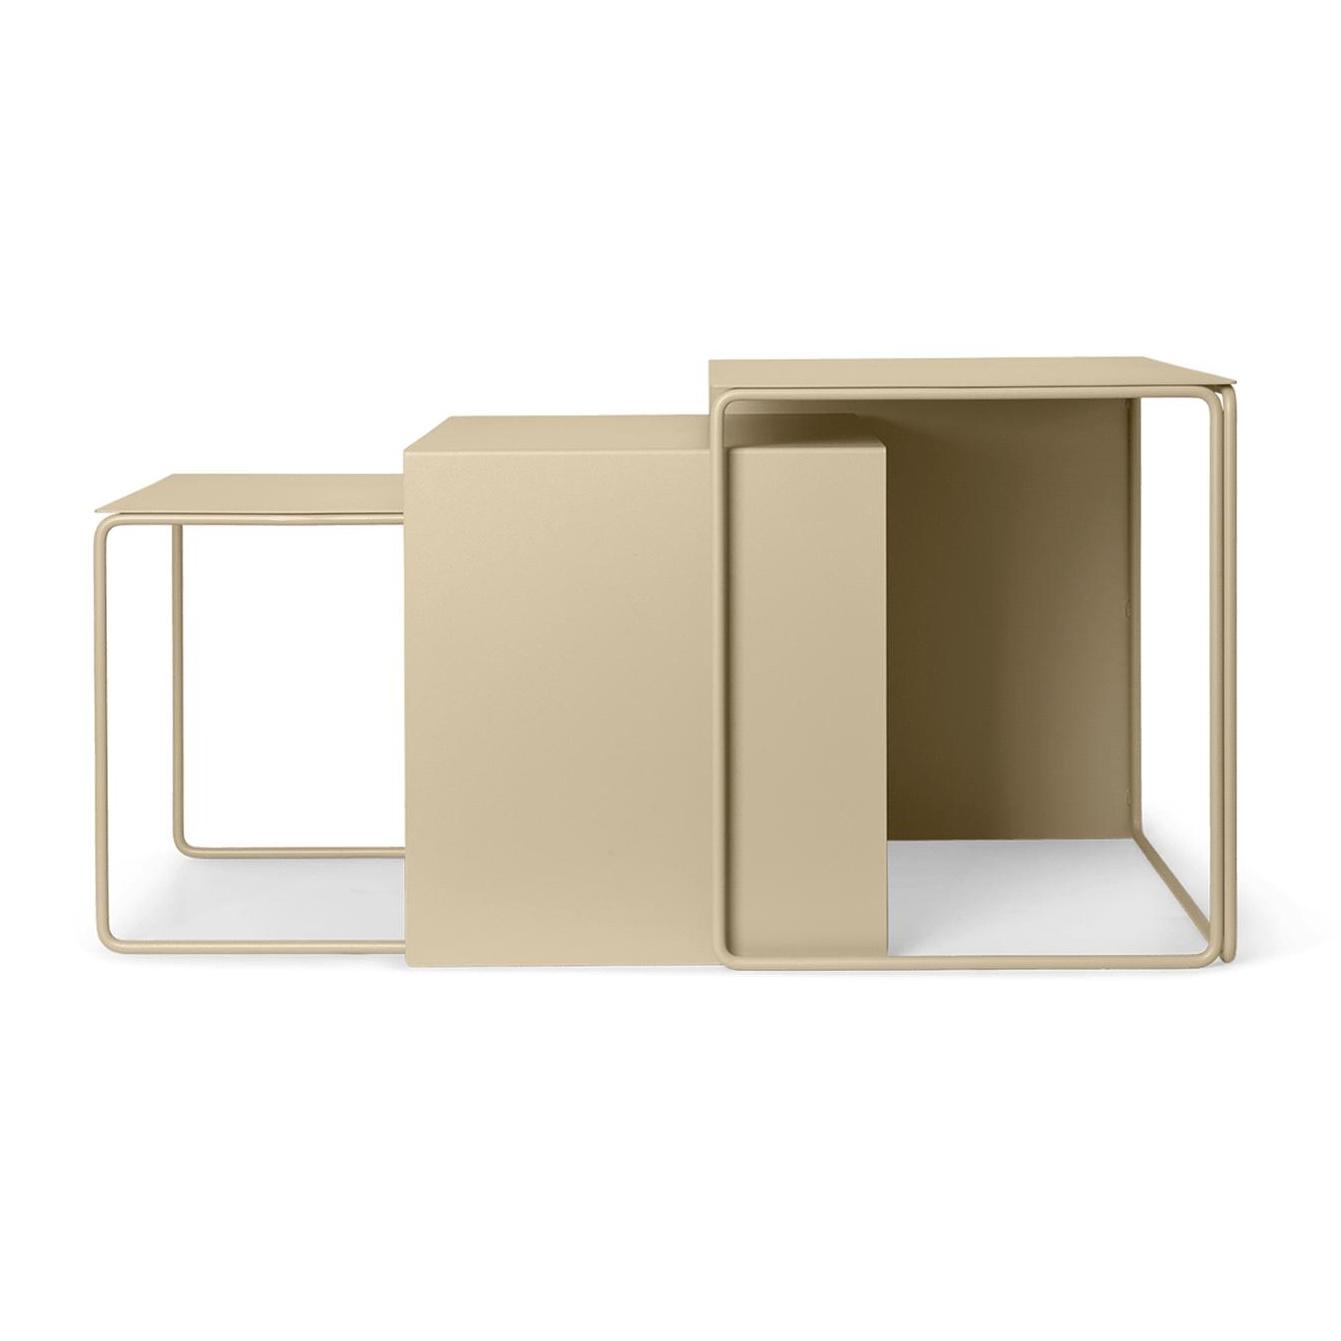 Ferm Living Cluster Beistelltisch 3er Set Cashmere günstig online kaufen